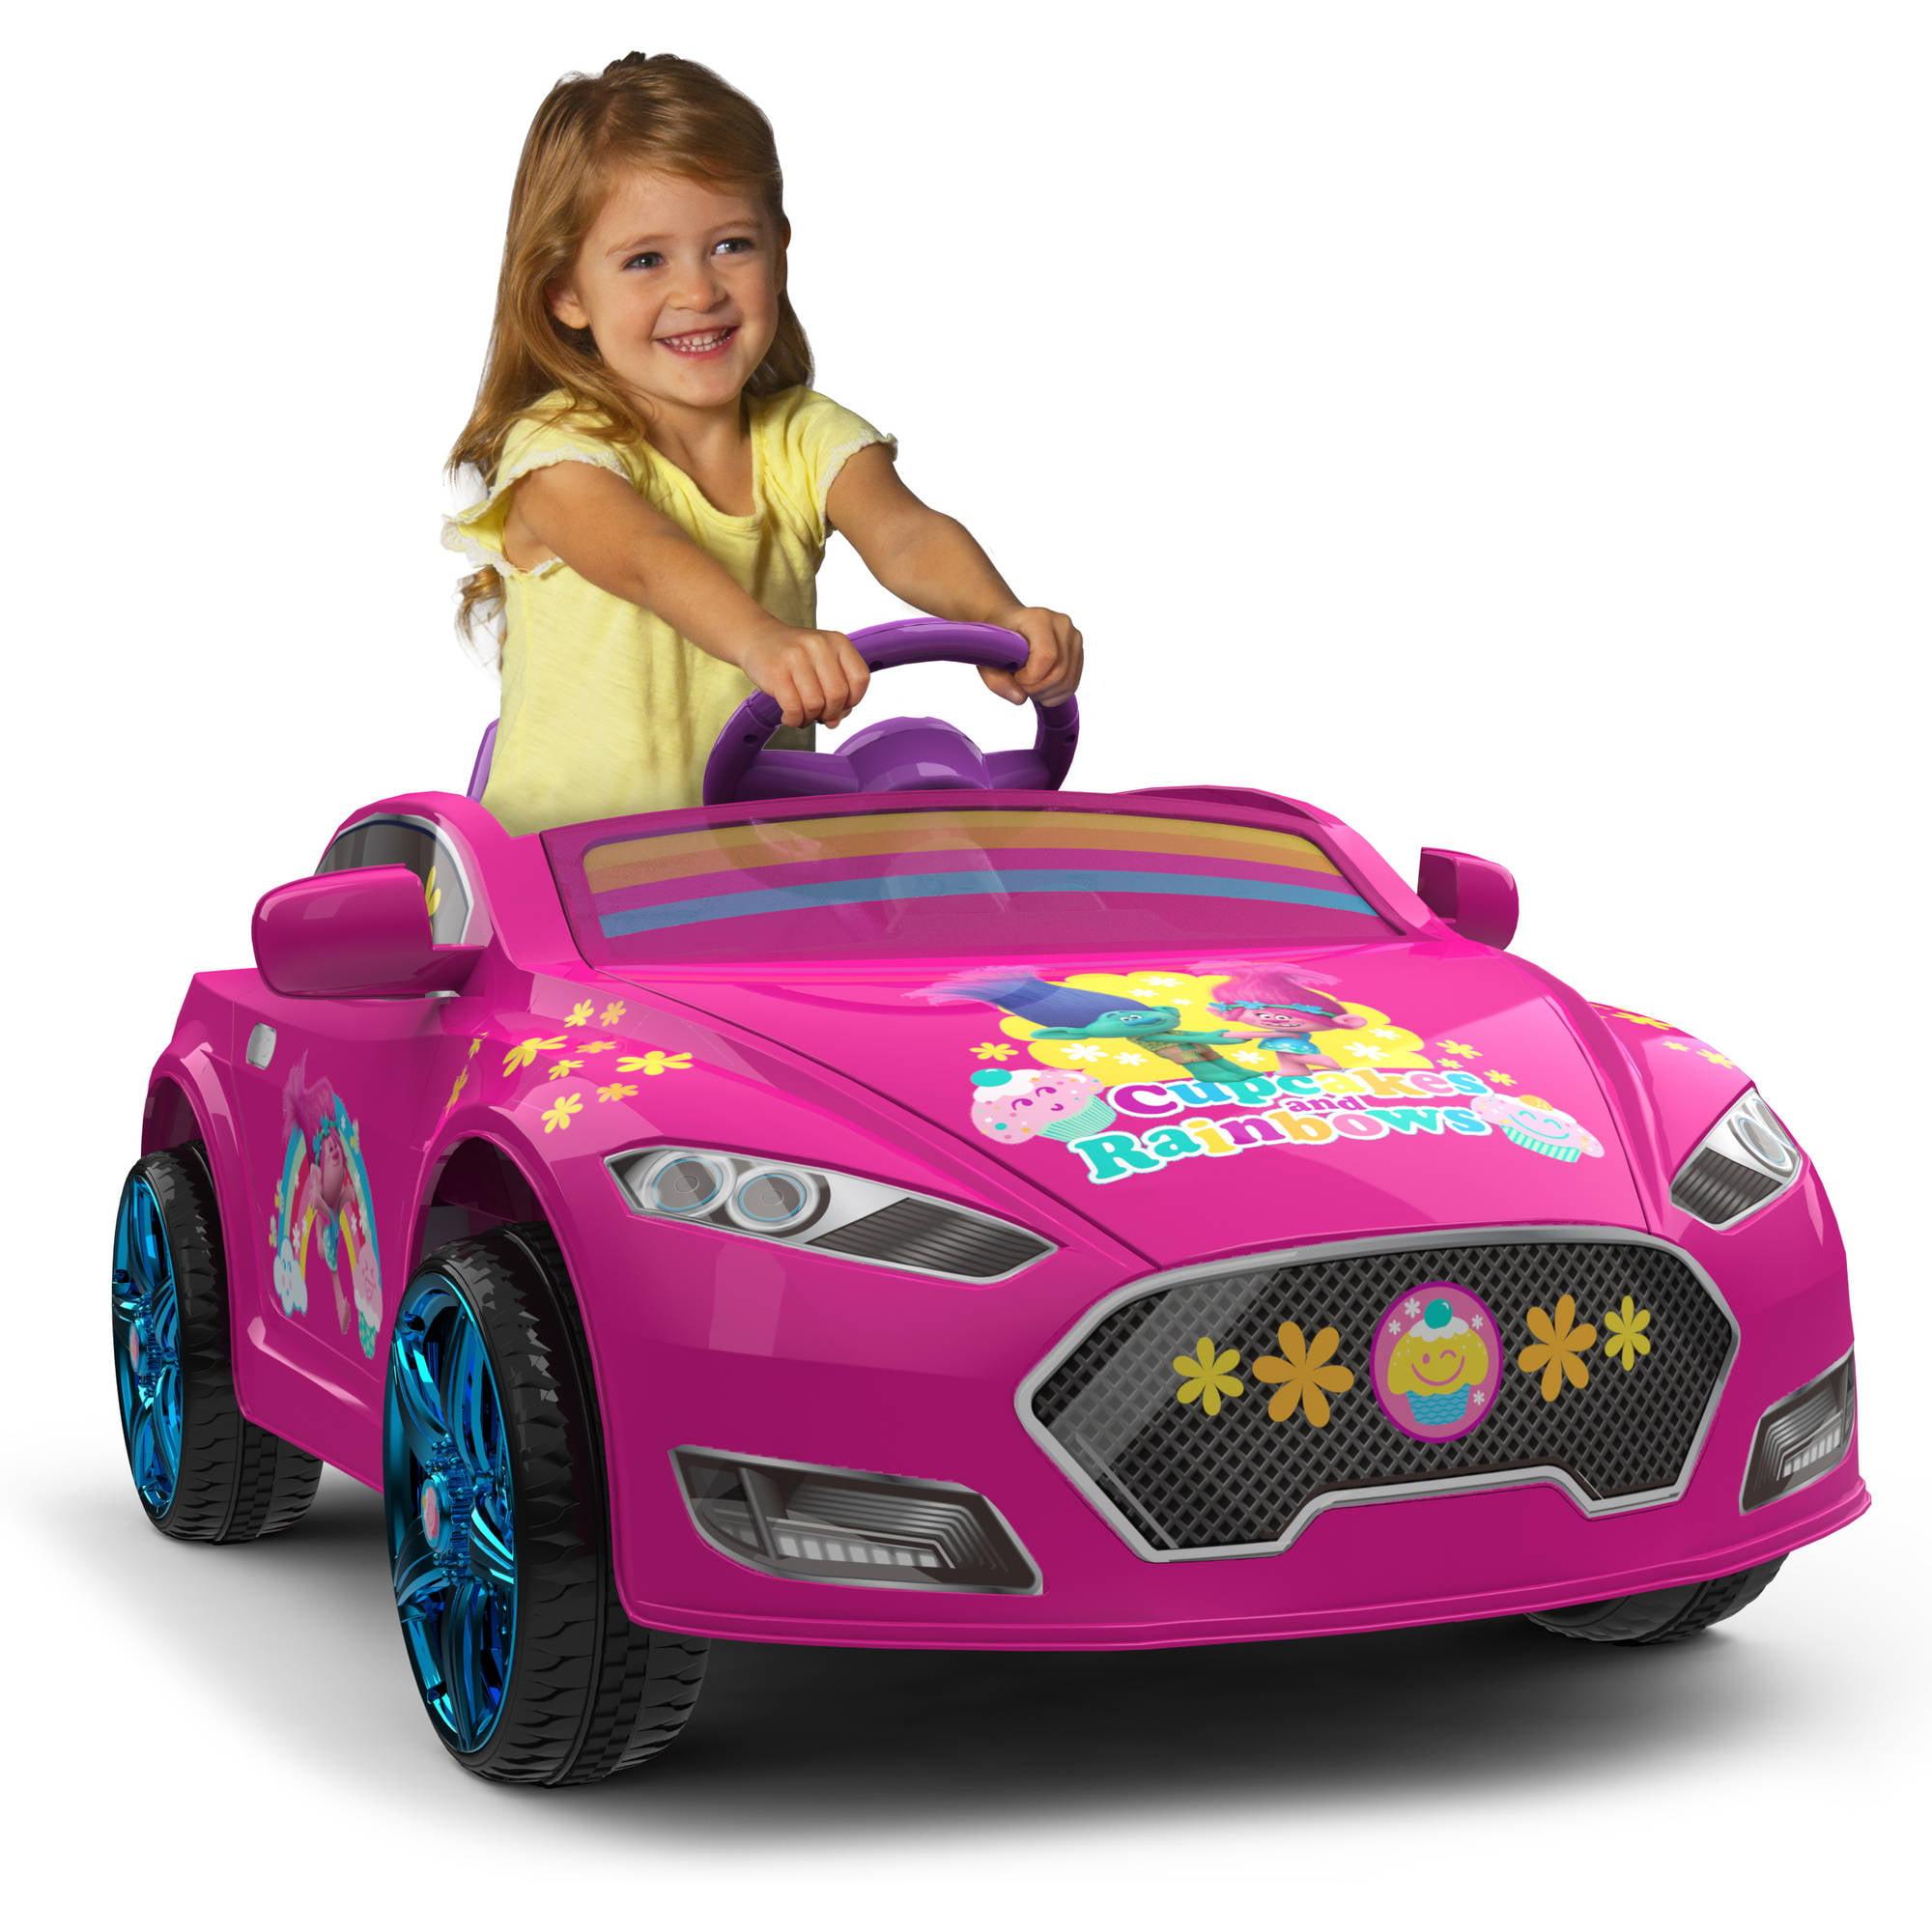 Walmart Toy Cars For Girls : Fisher price power wheels disney minnie jeep wrangler